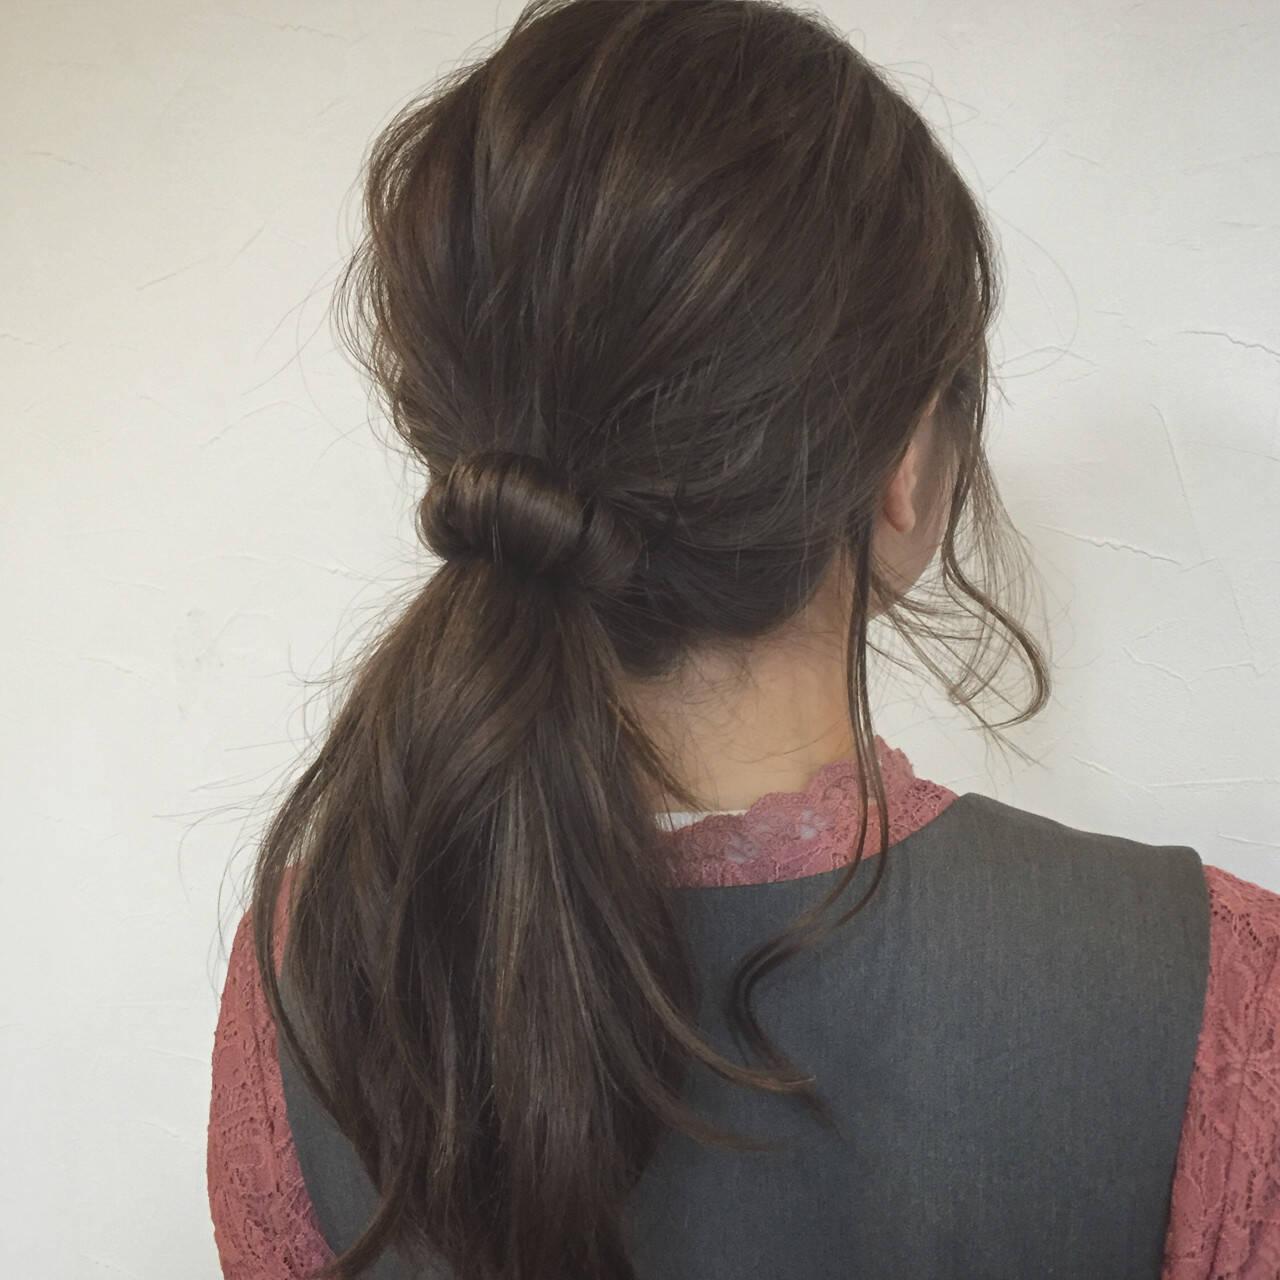 ブルージュ ガーリー ローポニーテール ヘアアレンジヘアスタイルや髪型の写真・画像